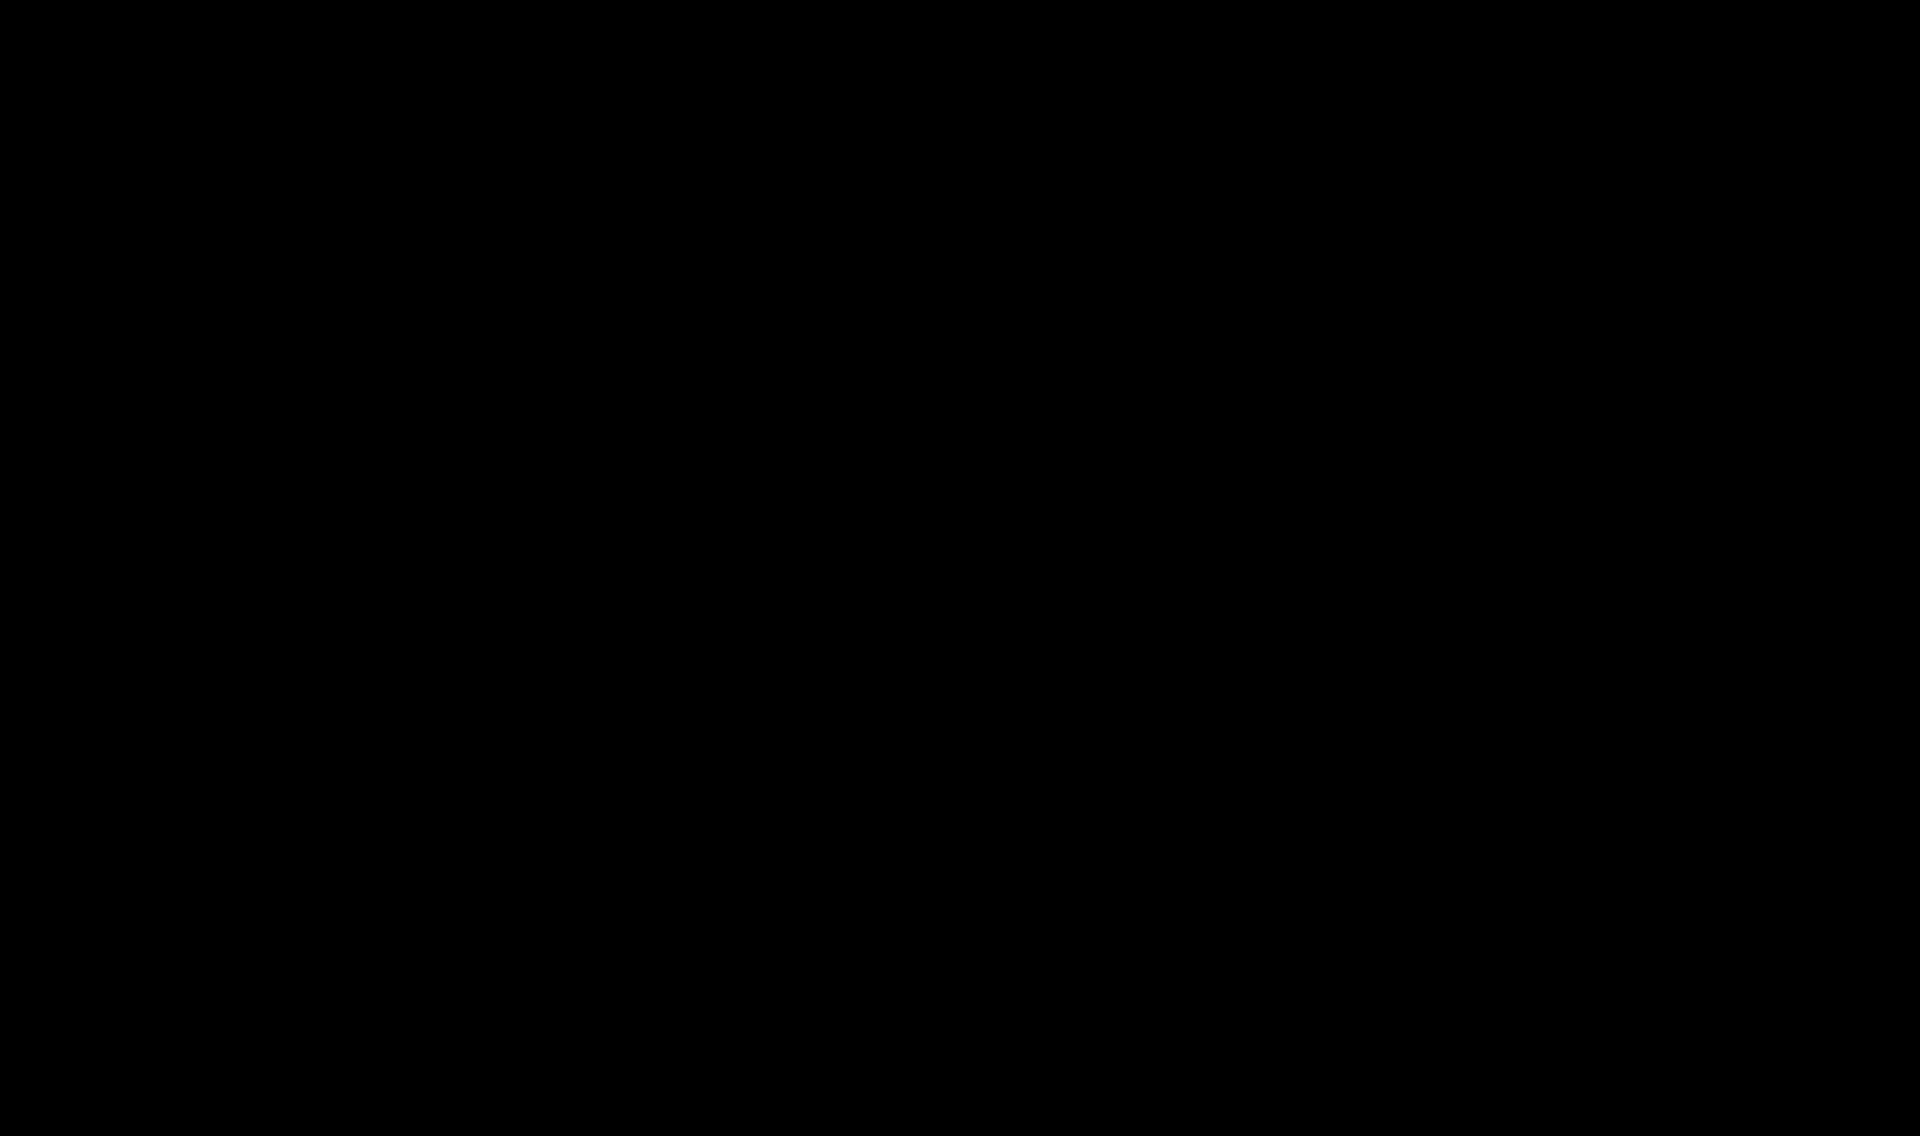 fae-logo-grid-1